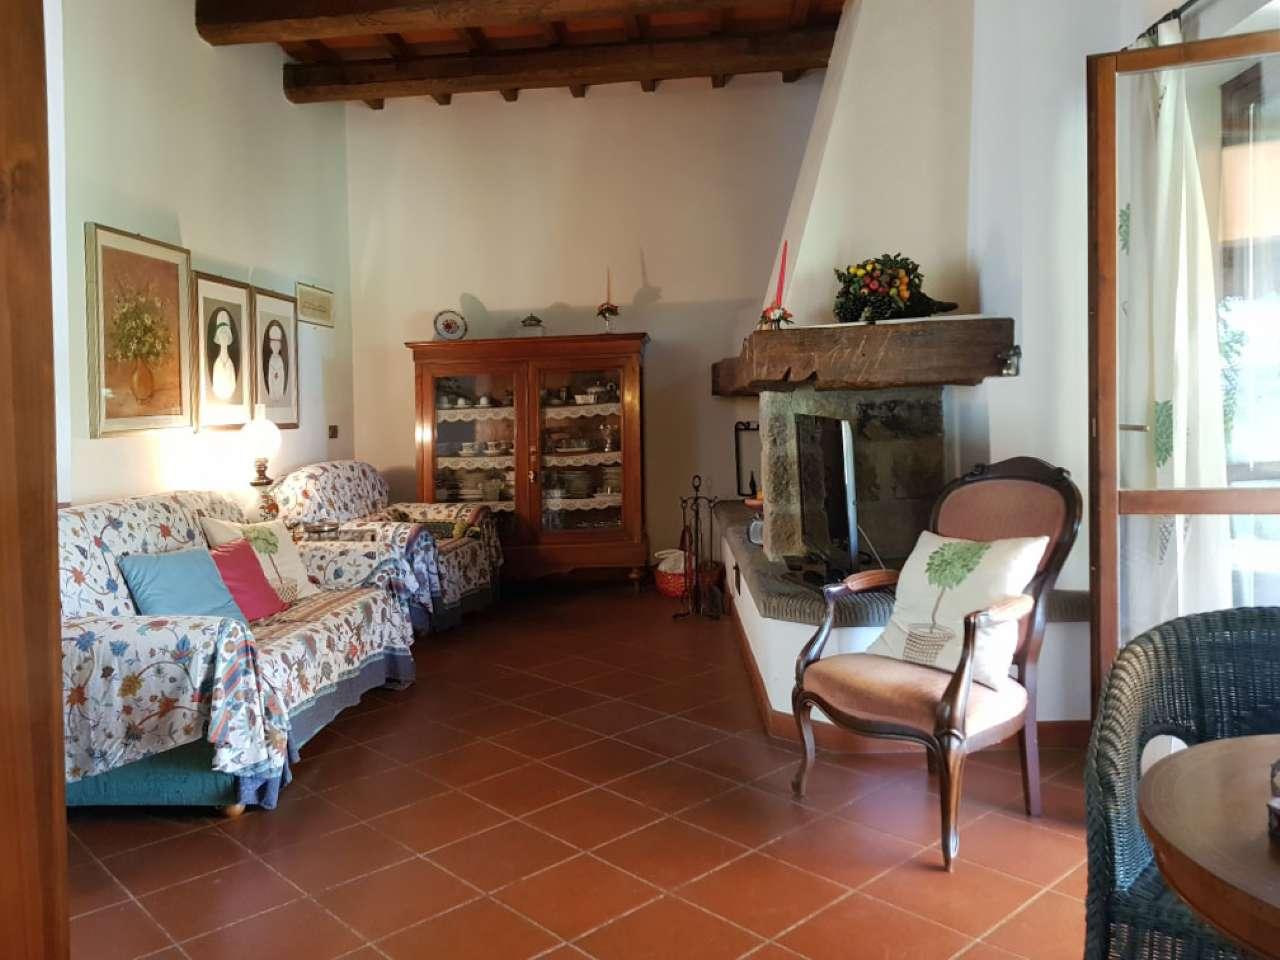 Rustico / Casale in vendita a Rufina, 4 locali, prezzo € 290.000   CambioCasa.it